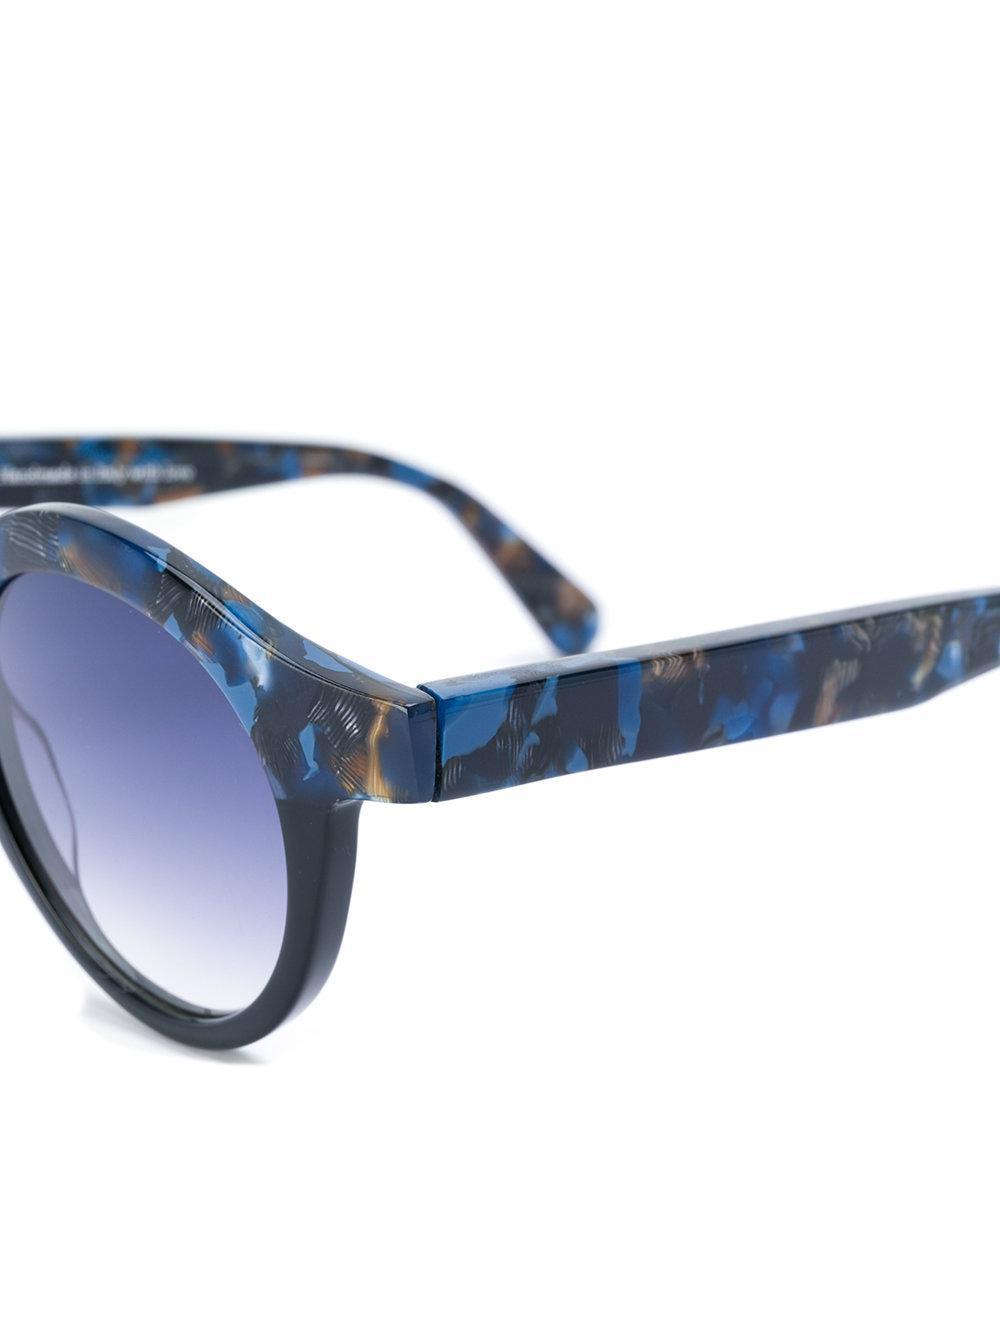 RES/REI Lucio Sunglasses in Blue